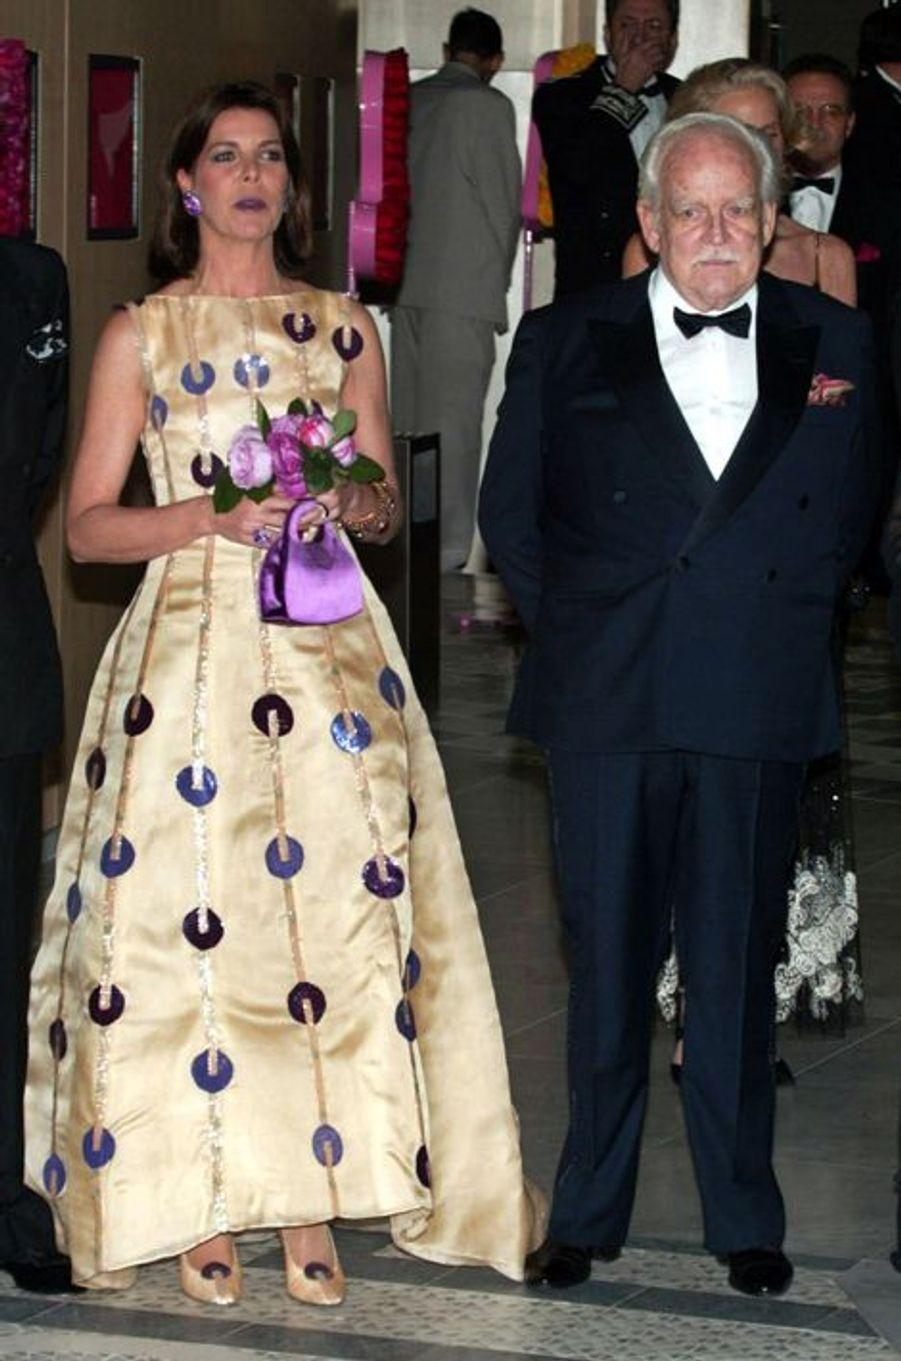 La princesse Caroline de Monaco au bal de la Rose 2002, avec le prince Rainier III